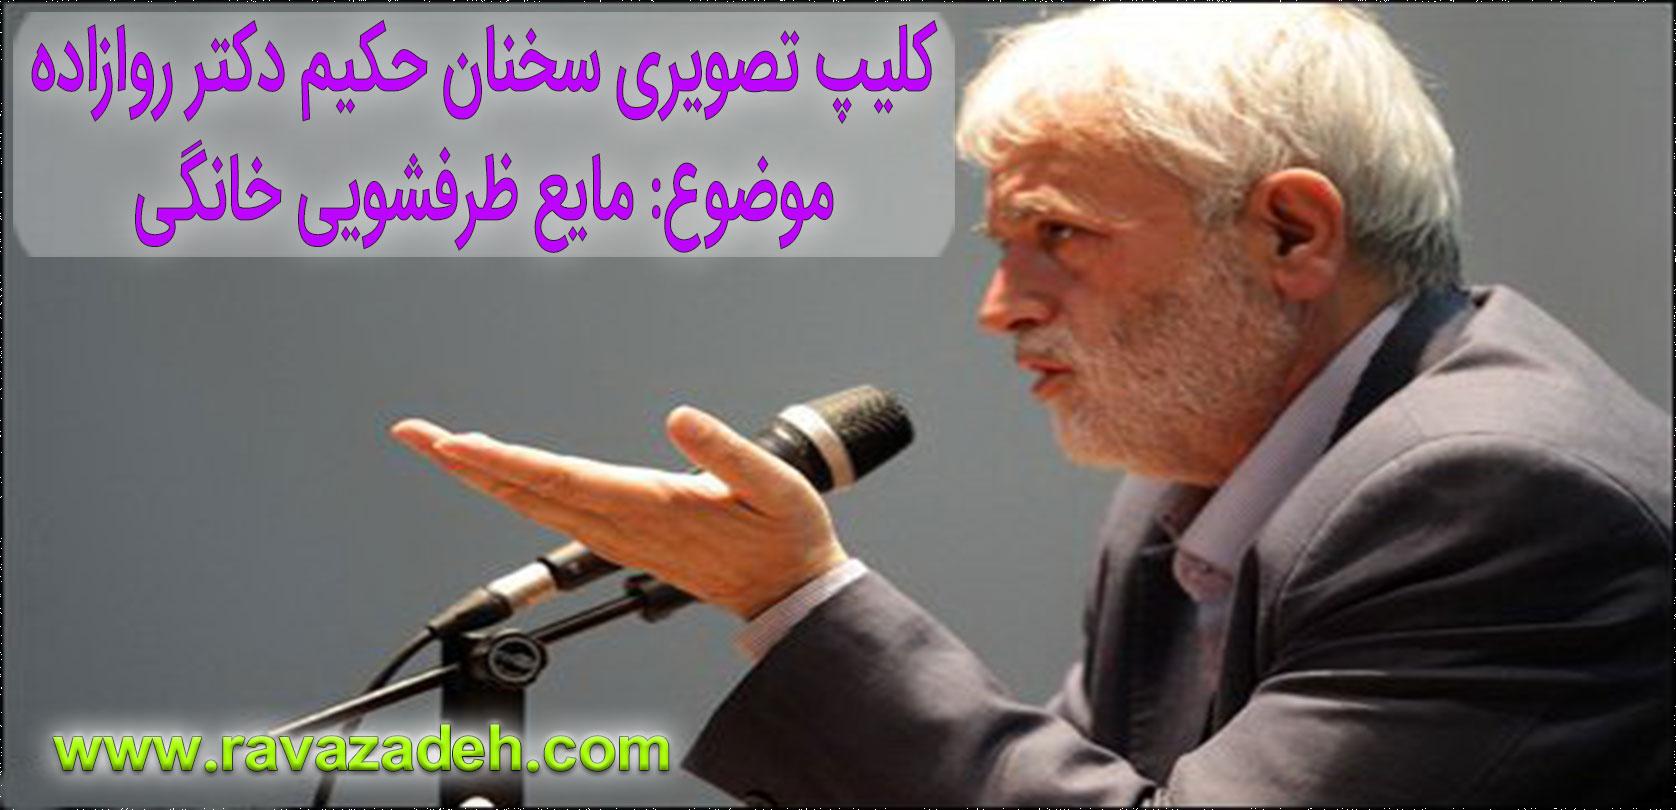 Photo of مایع ظرفشویی خانگی + کلیپ تصویری سخنرانی حکیم دکتر روازاده